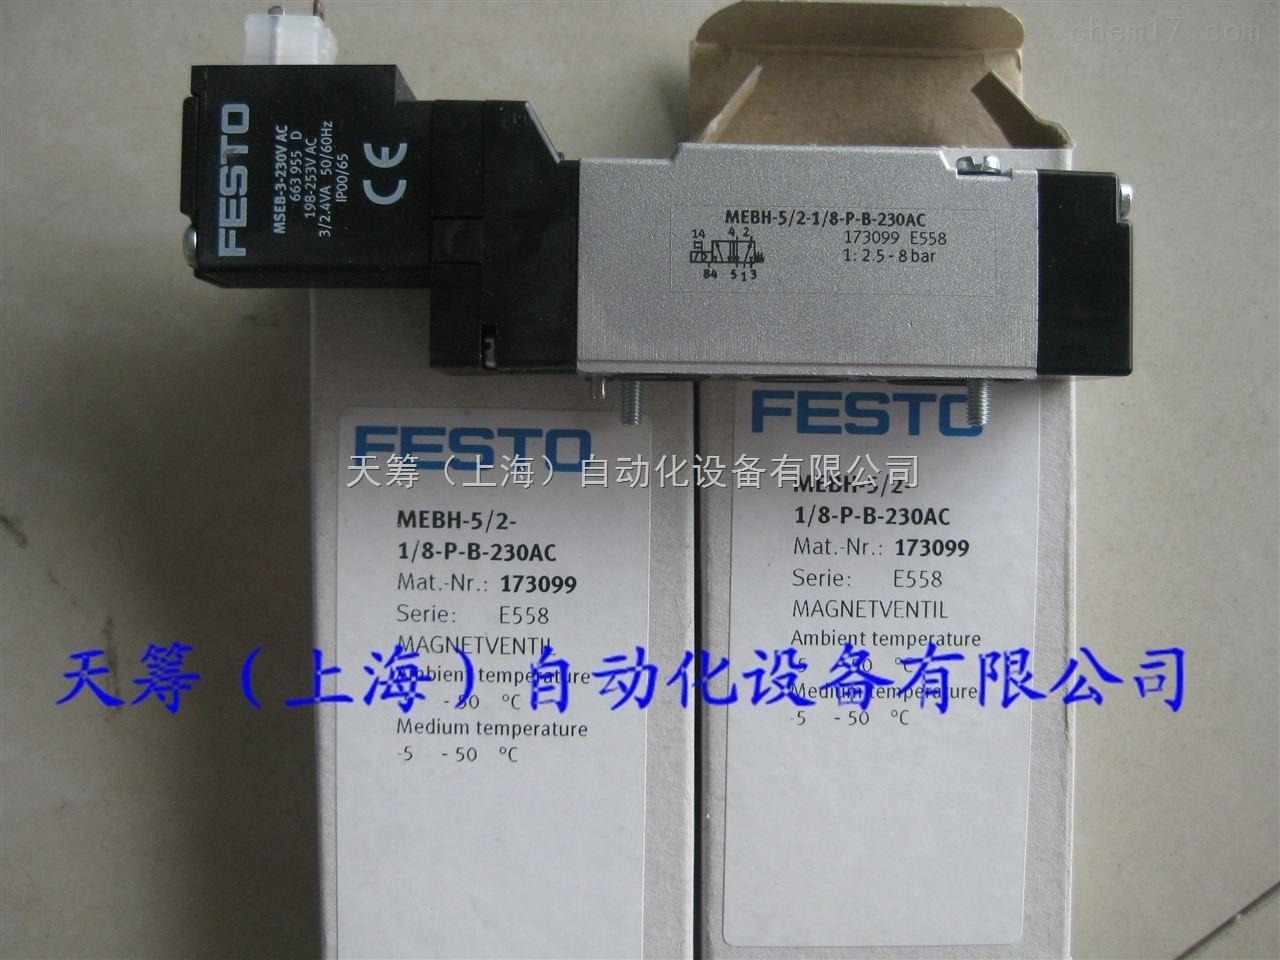 德国费斯托festo产品FESTO电磁阀MEBH系列MEBH-5/2-1/8-P-B-230